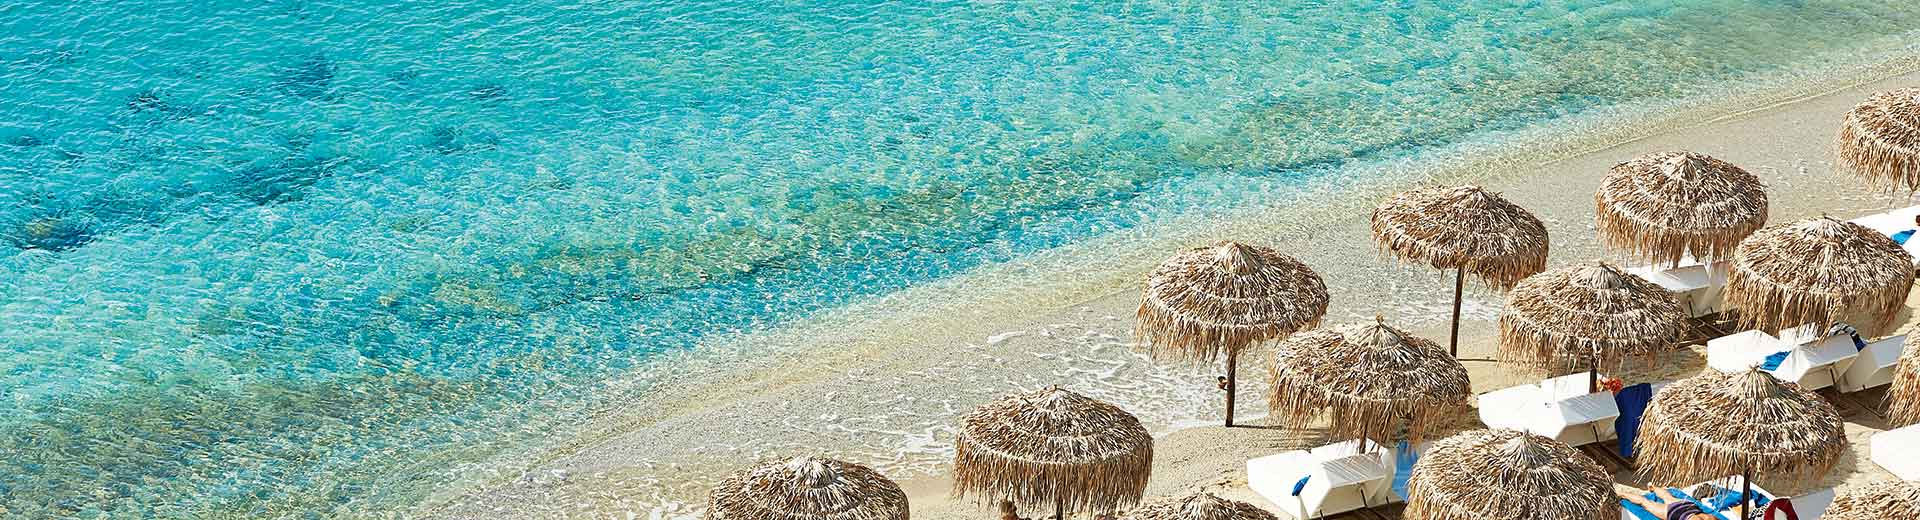 Psaruo Beach in Mykonos, Greece